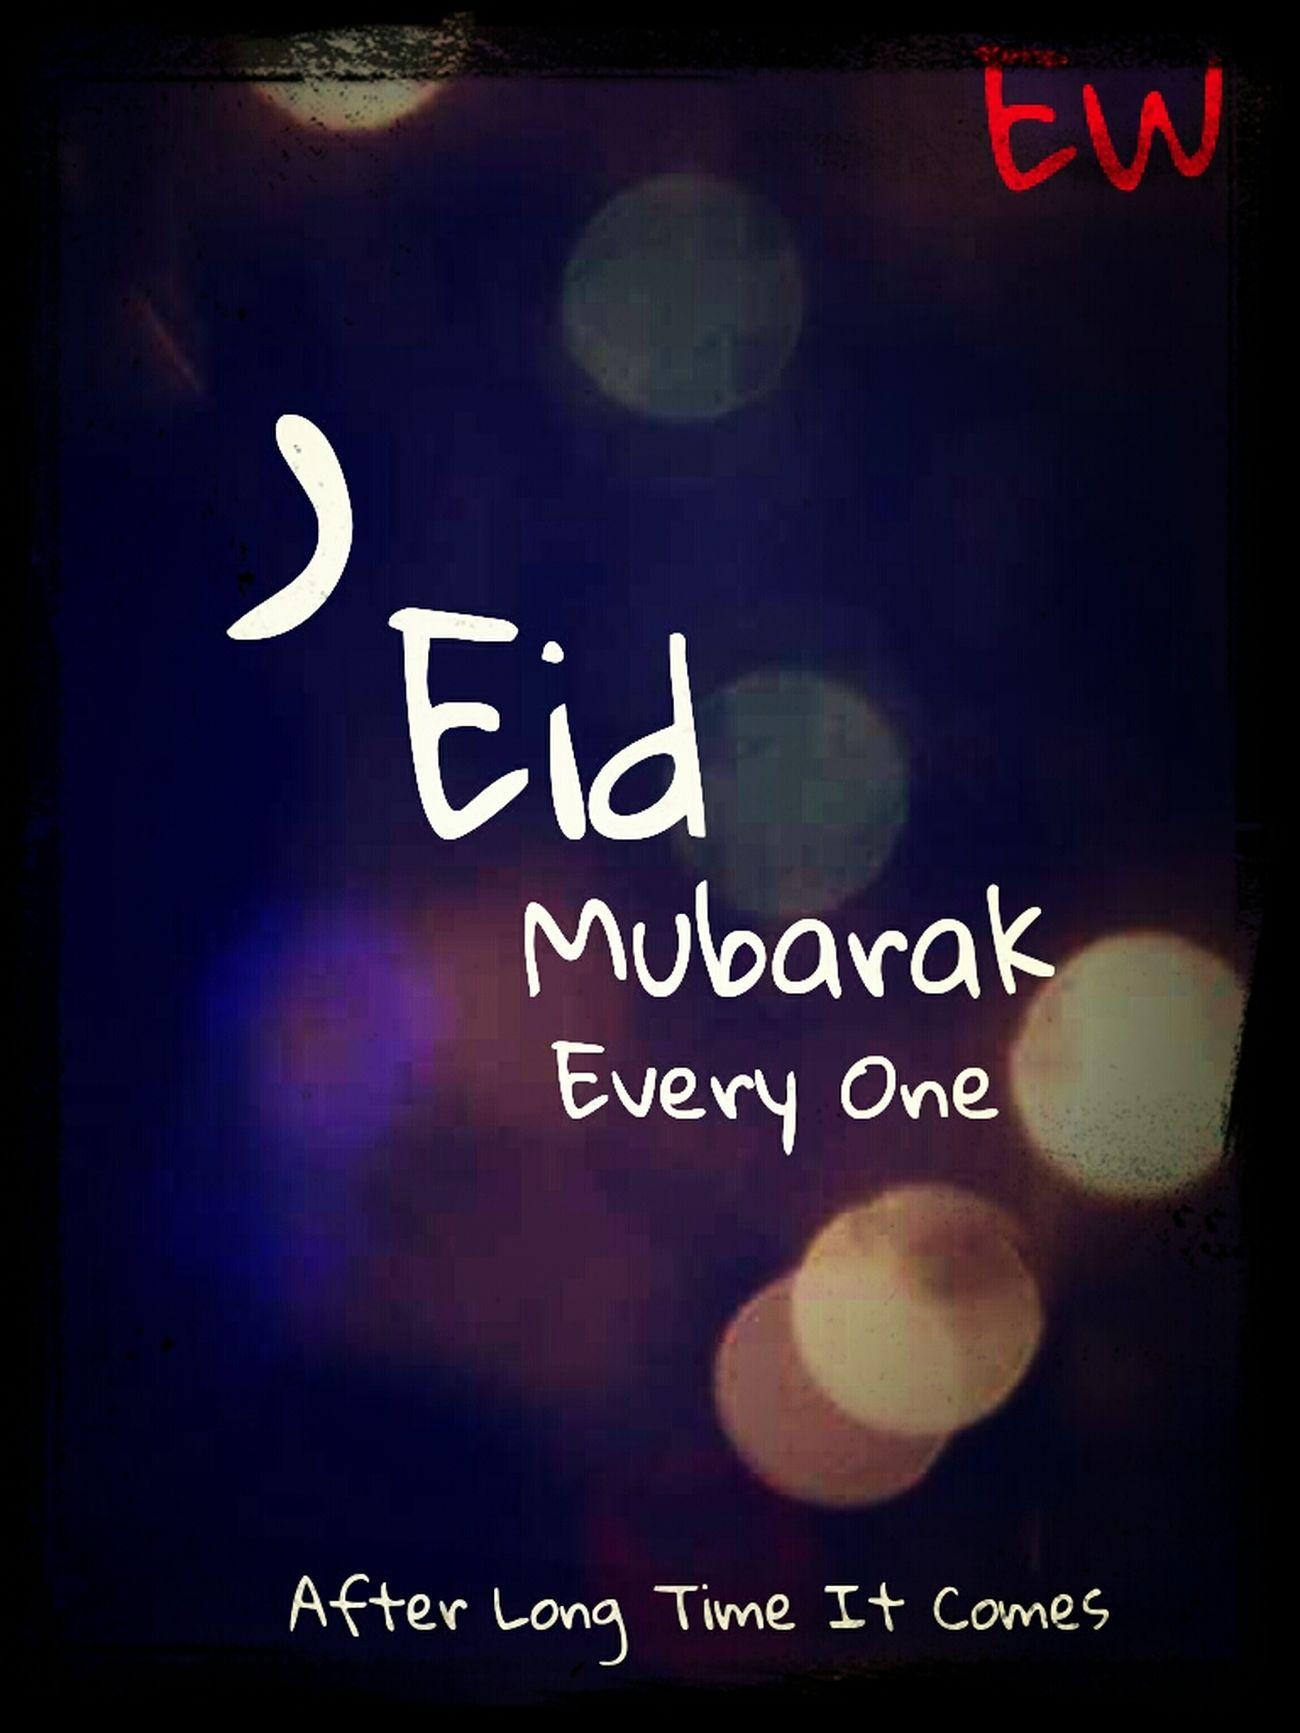 Late Eid Mubarak!